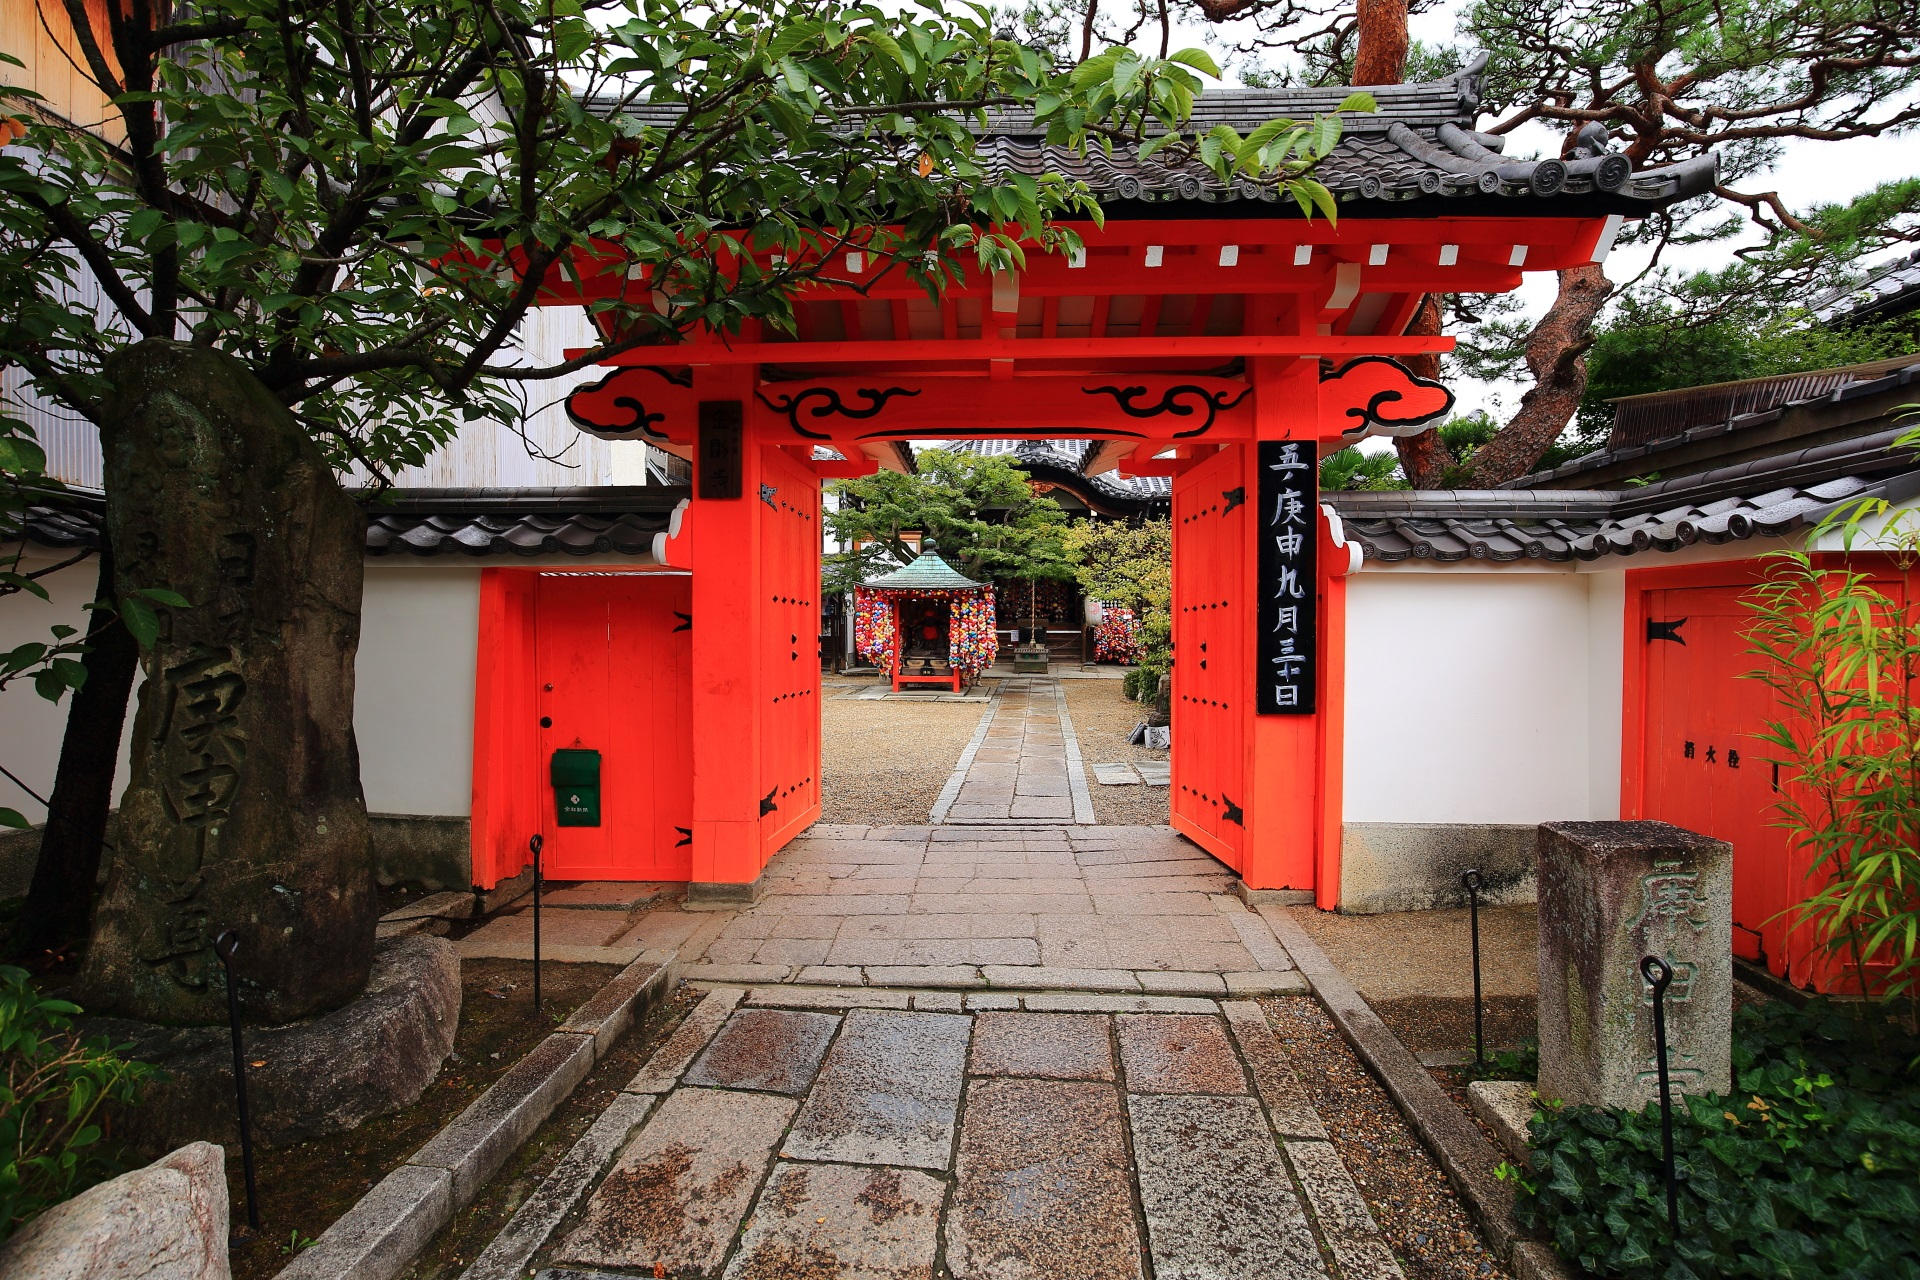 八坂庚申堂の朱色の綺麗な表門